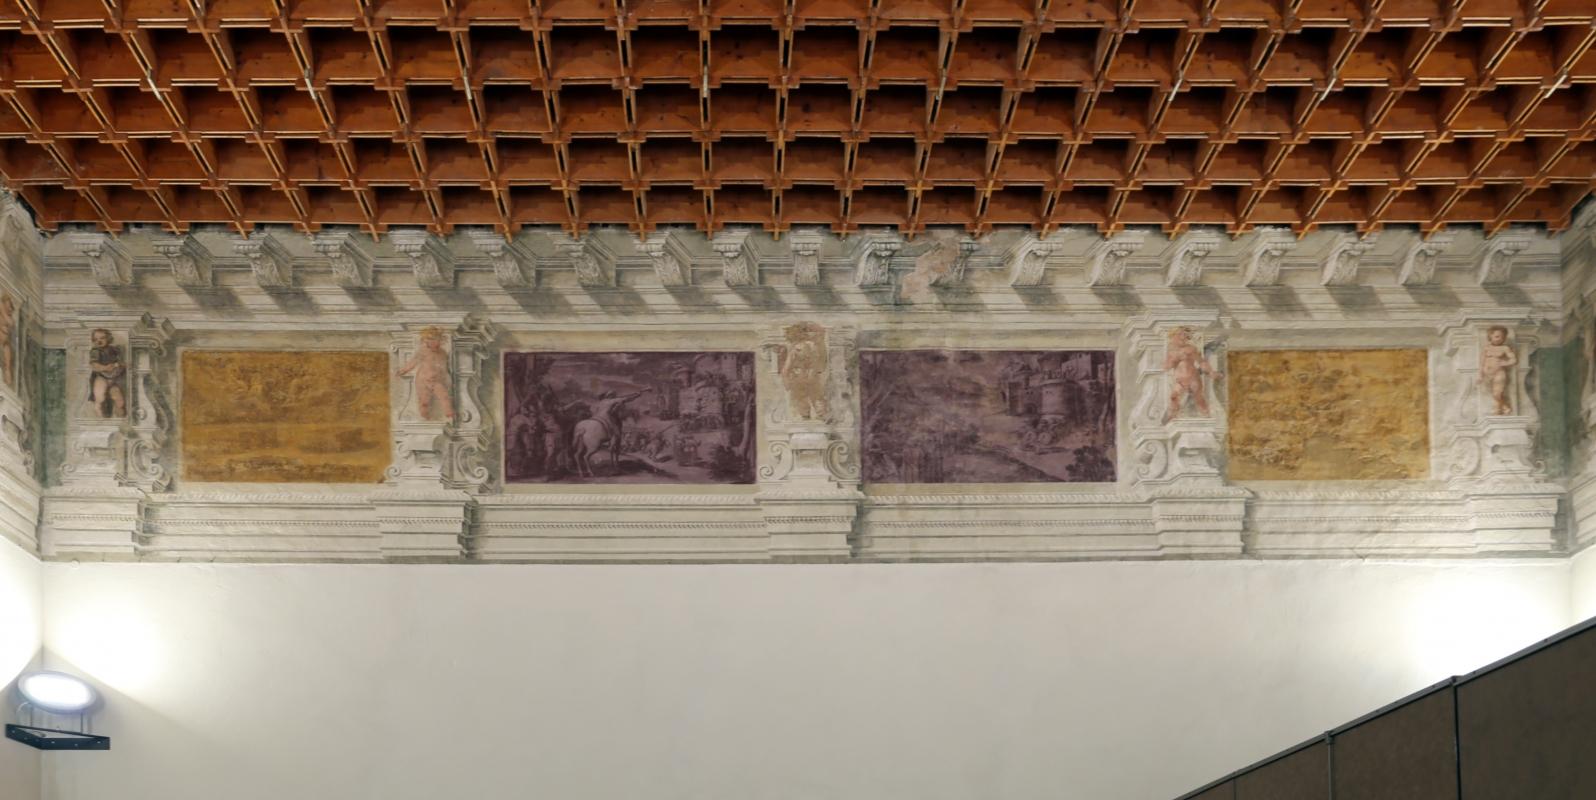 Gualtieri, palazzo bentivoglio, sala di enea, inizio del xvii secolo 02 - Sailko - Gualtieri (RE)